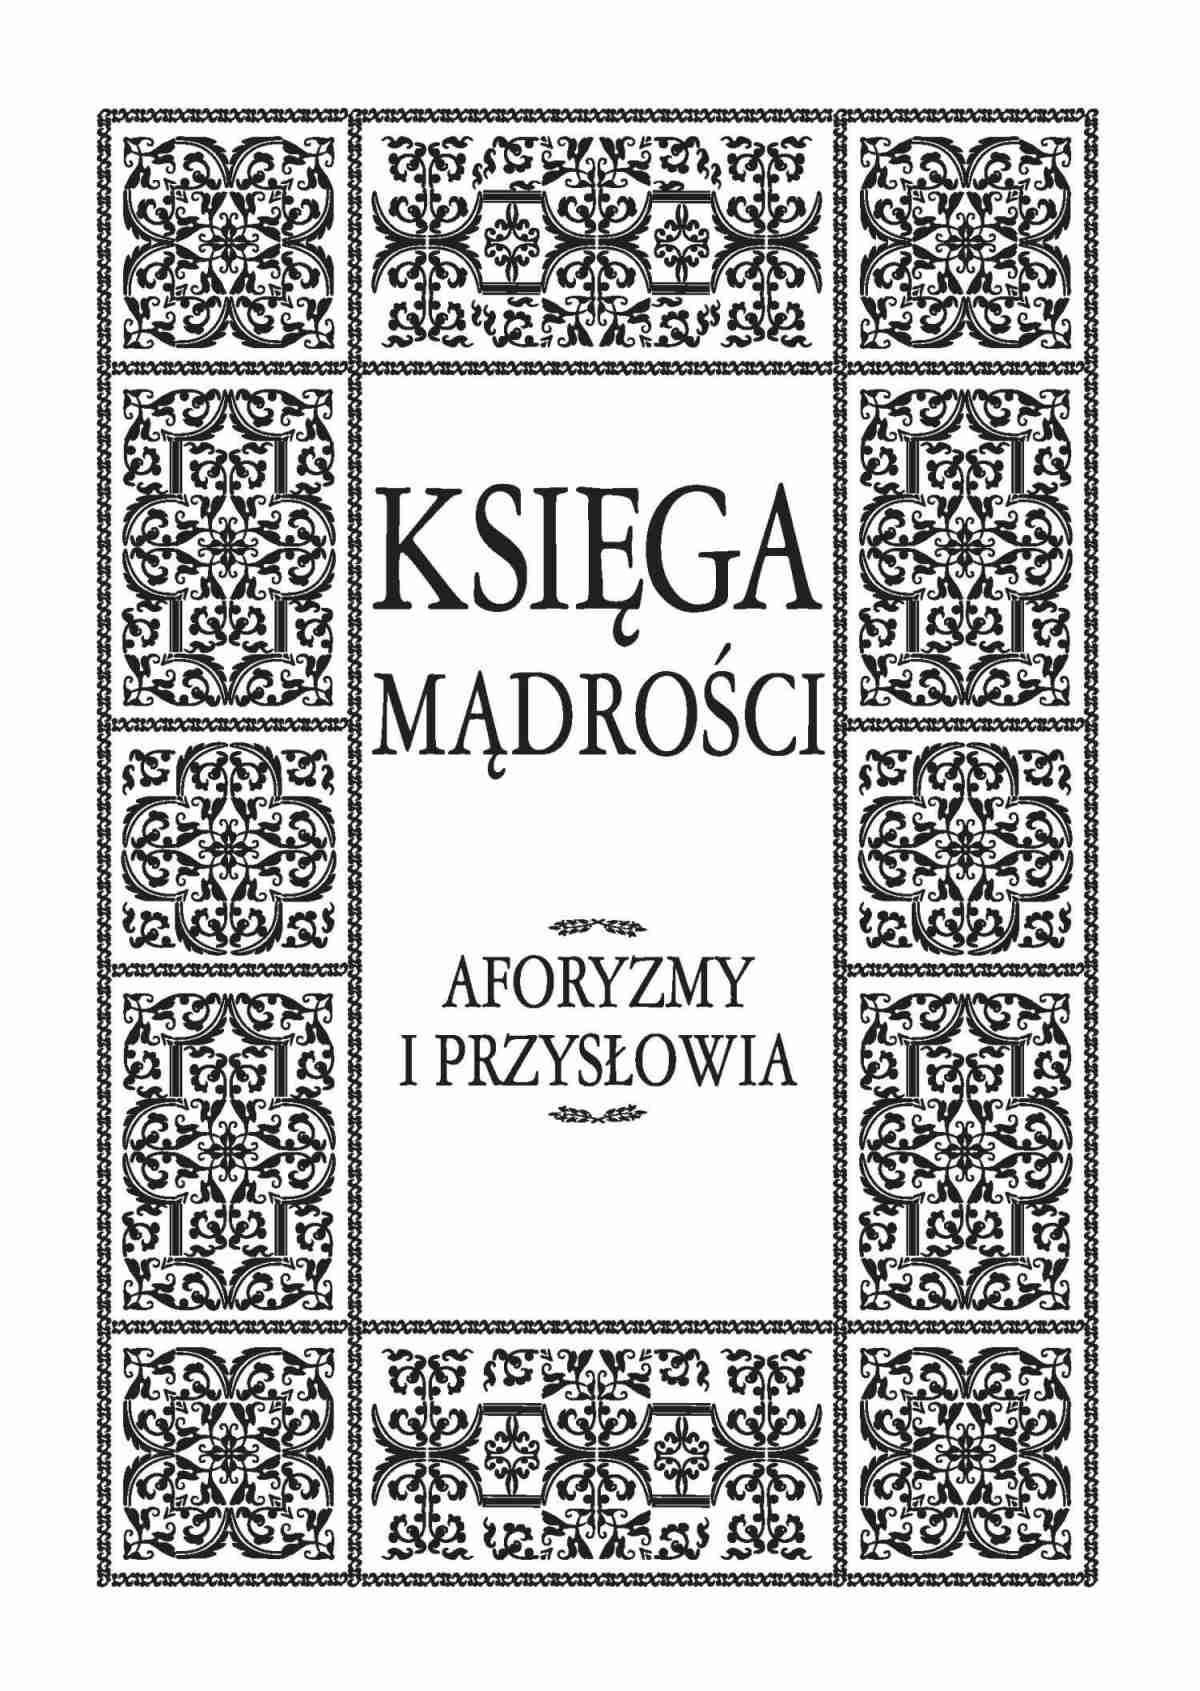 Księga mądrości. Aforyzmy i przysłowia - Ebook (Książka na Kindle) do pobrania w formacie MOBI